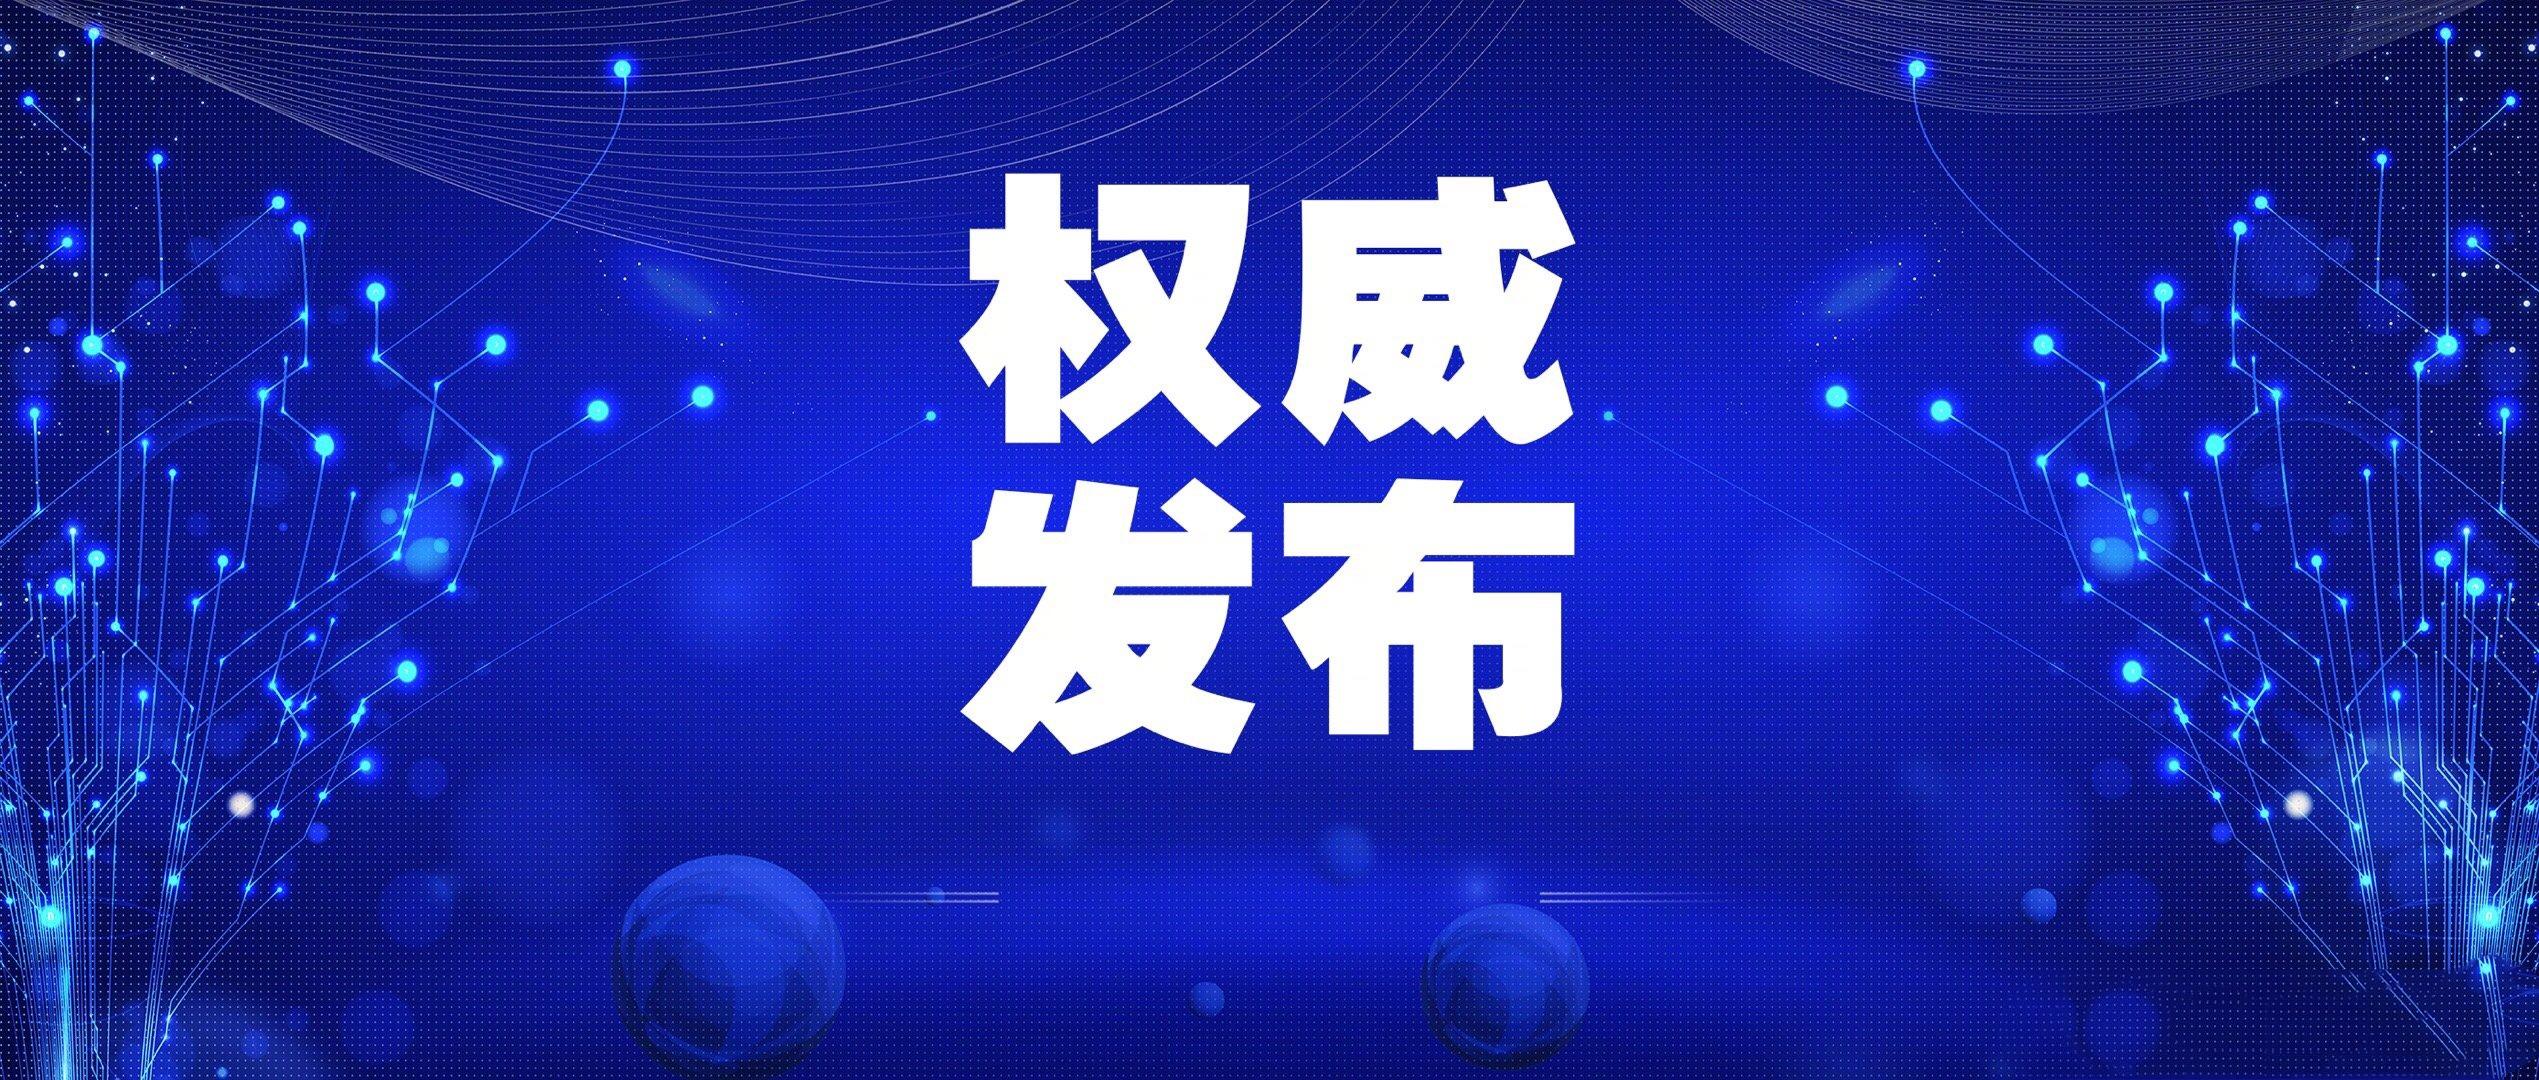 北京思路智园科技有限公司响应国家号召——延期复工